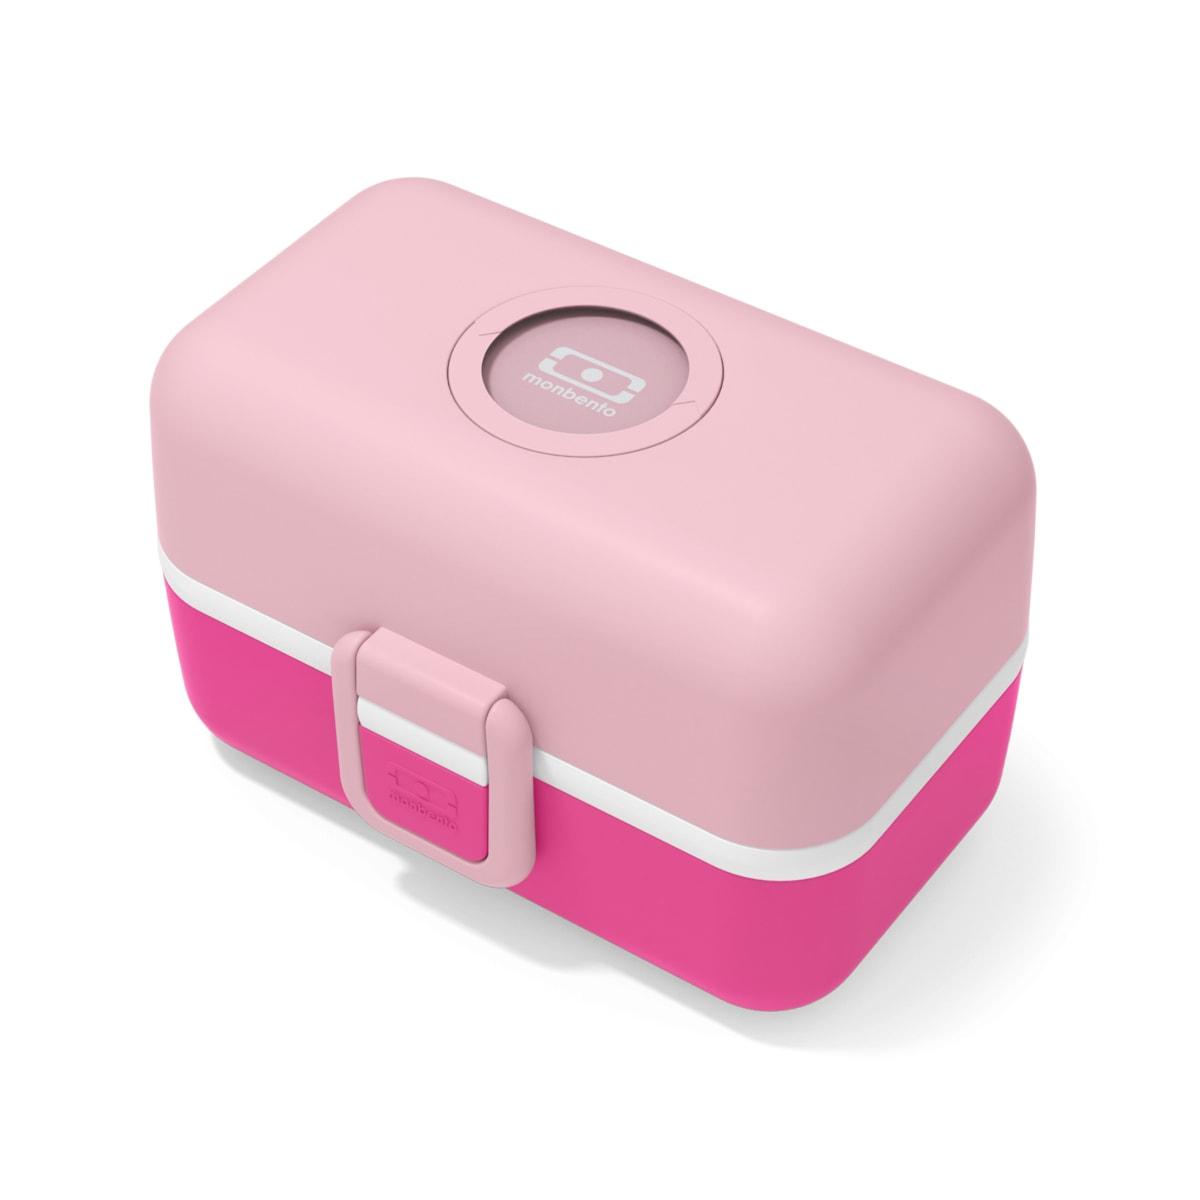 Bento pour enfant rose litchi 0,8L